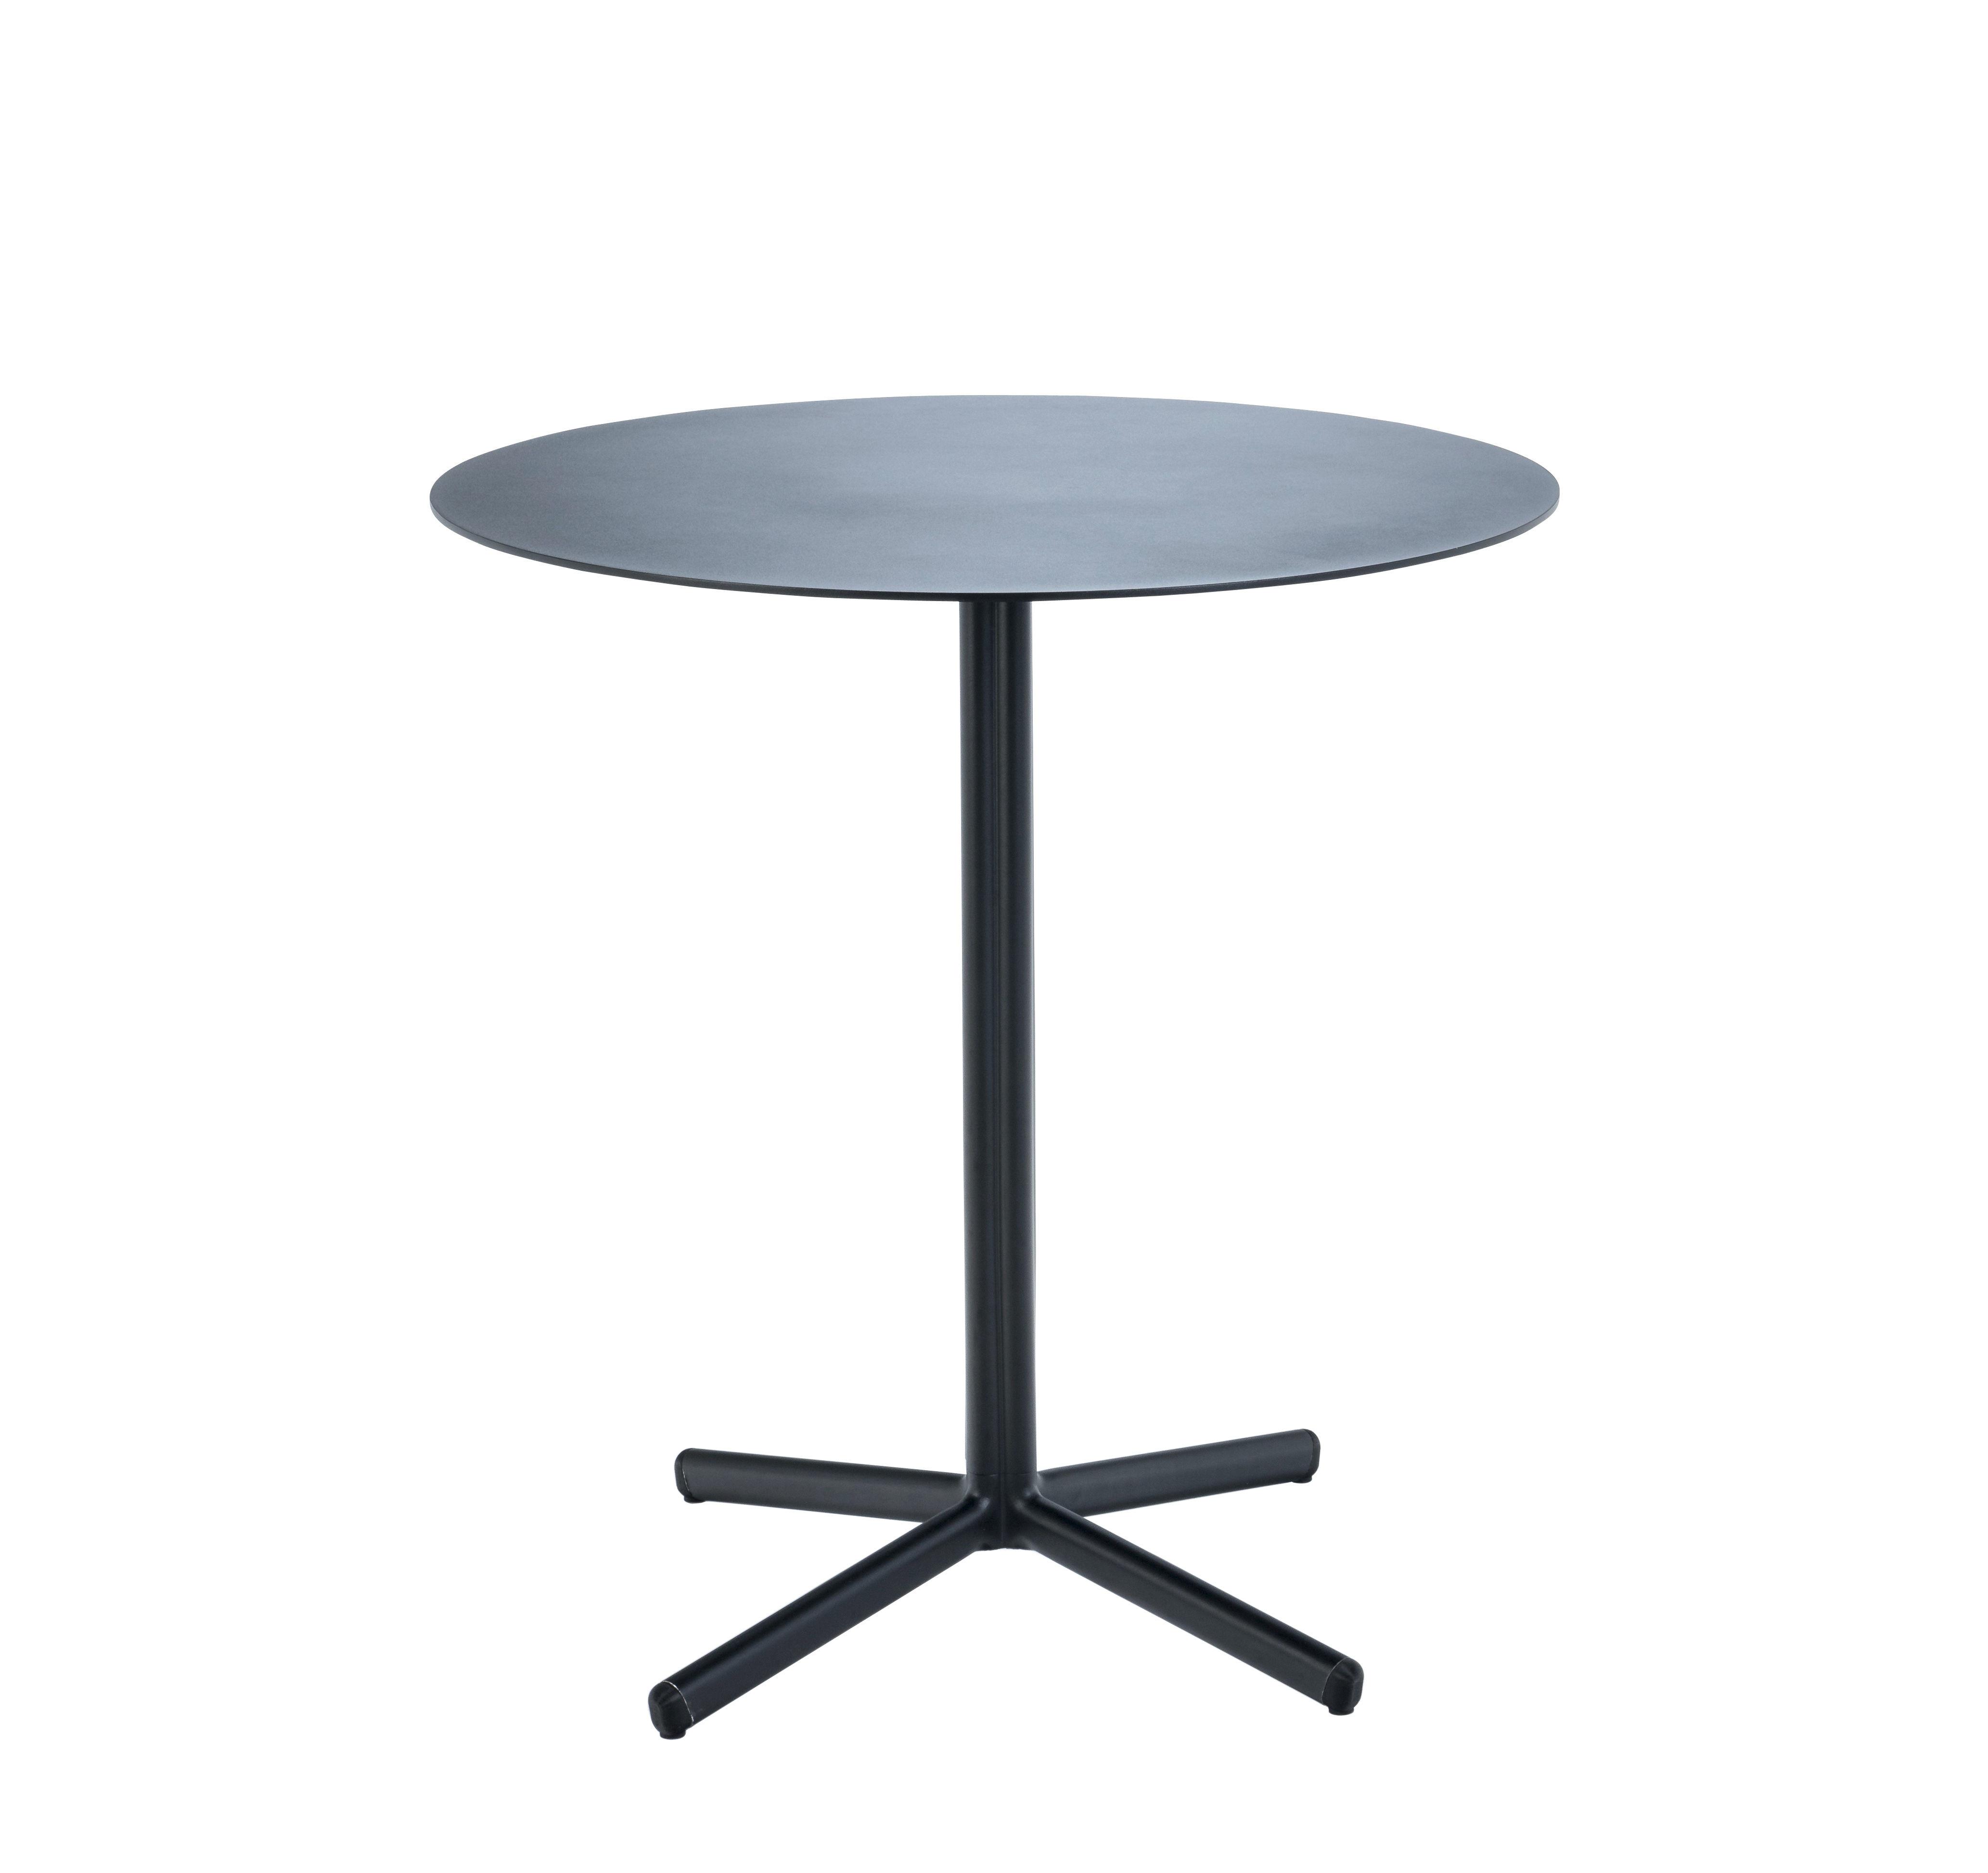 Outdoor - Tische - Flor Runder Tisch / Metall - Ø 60 cm - Houe - Schwarz - Aluminium laqué époxy